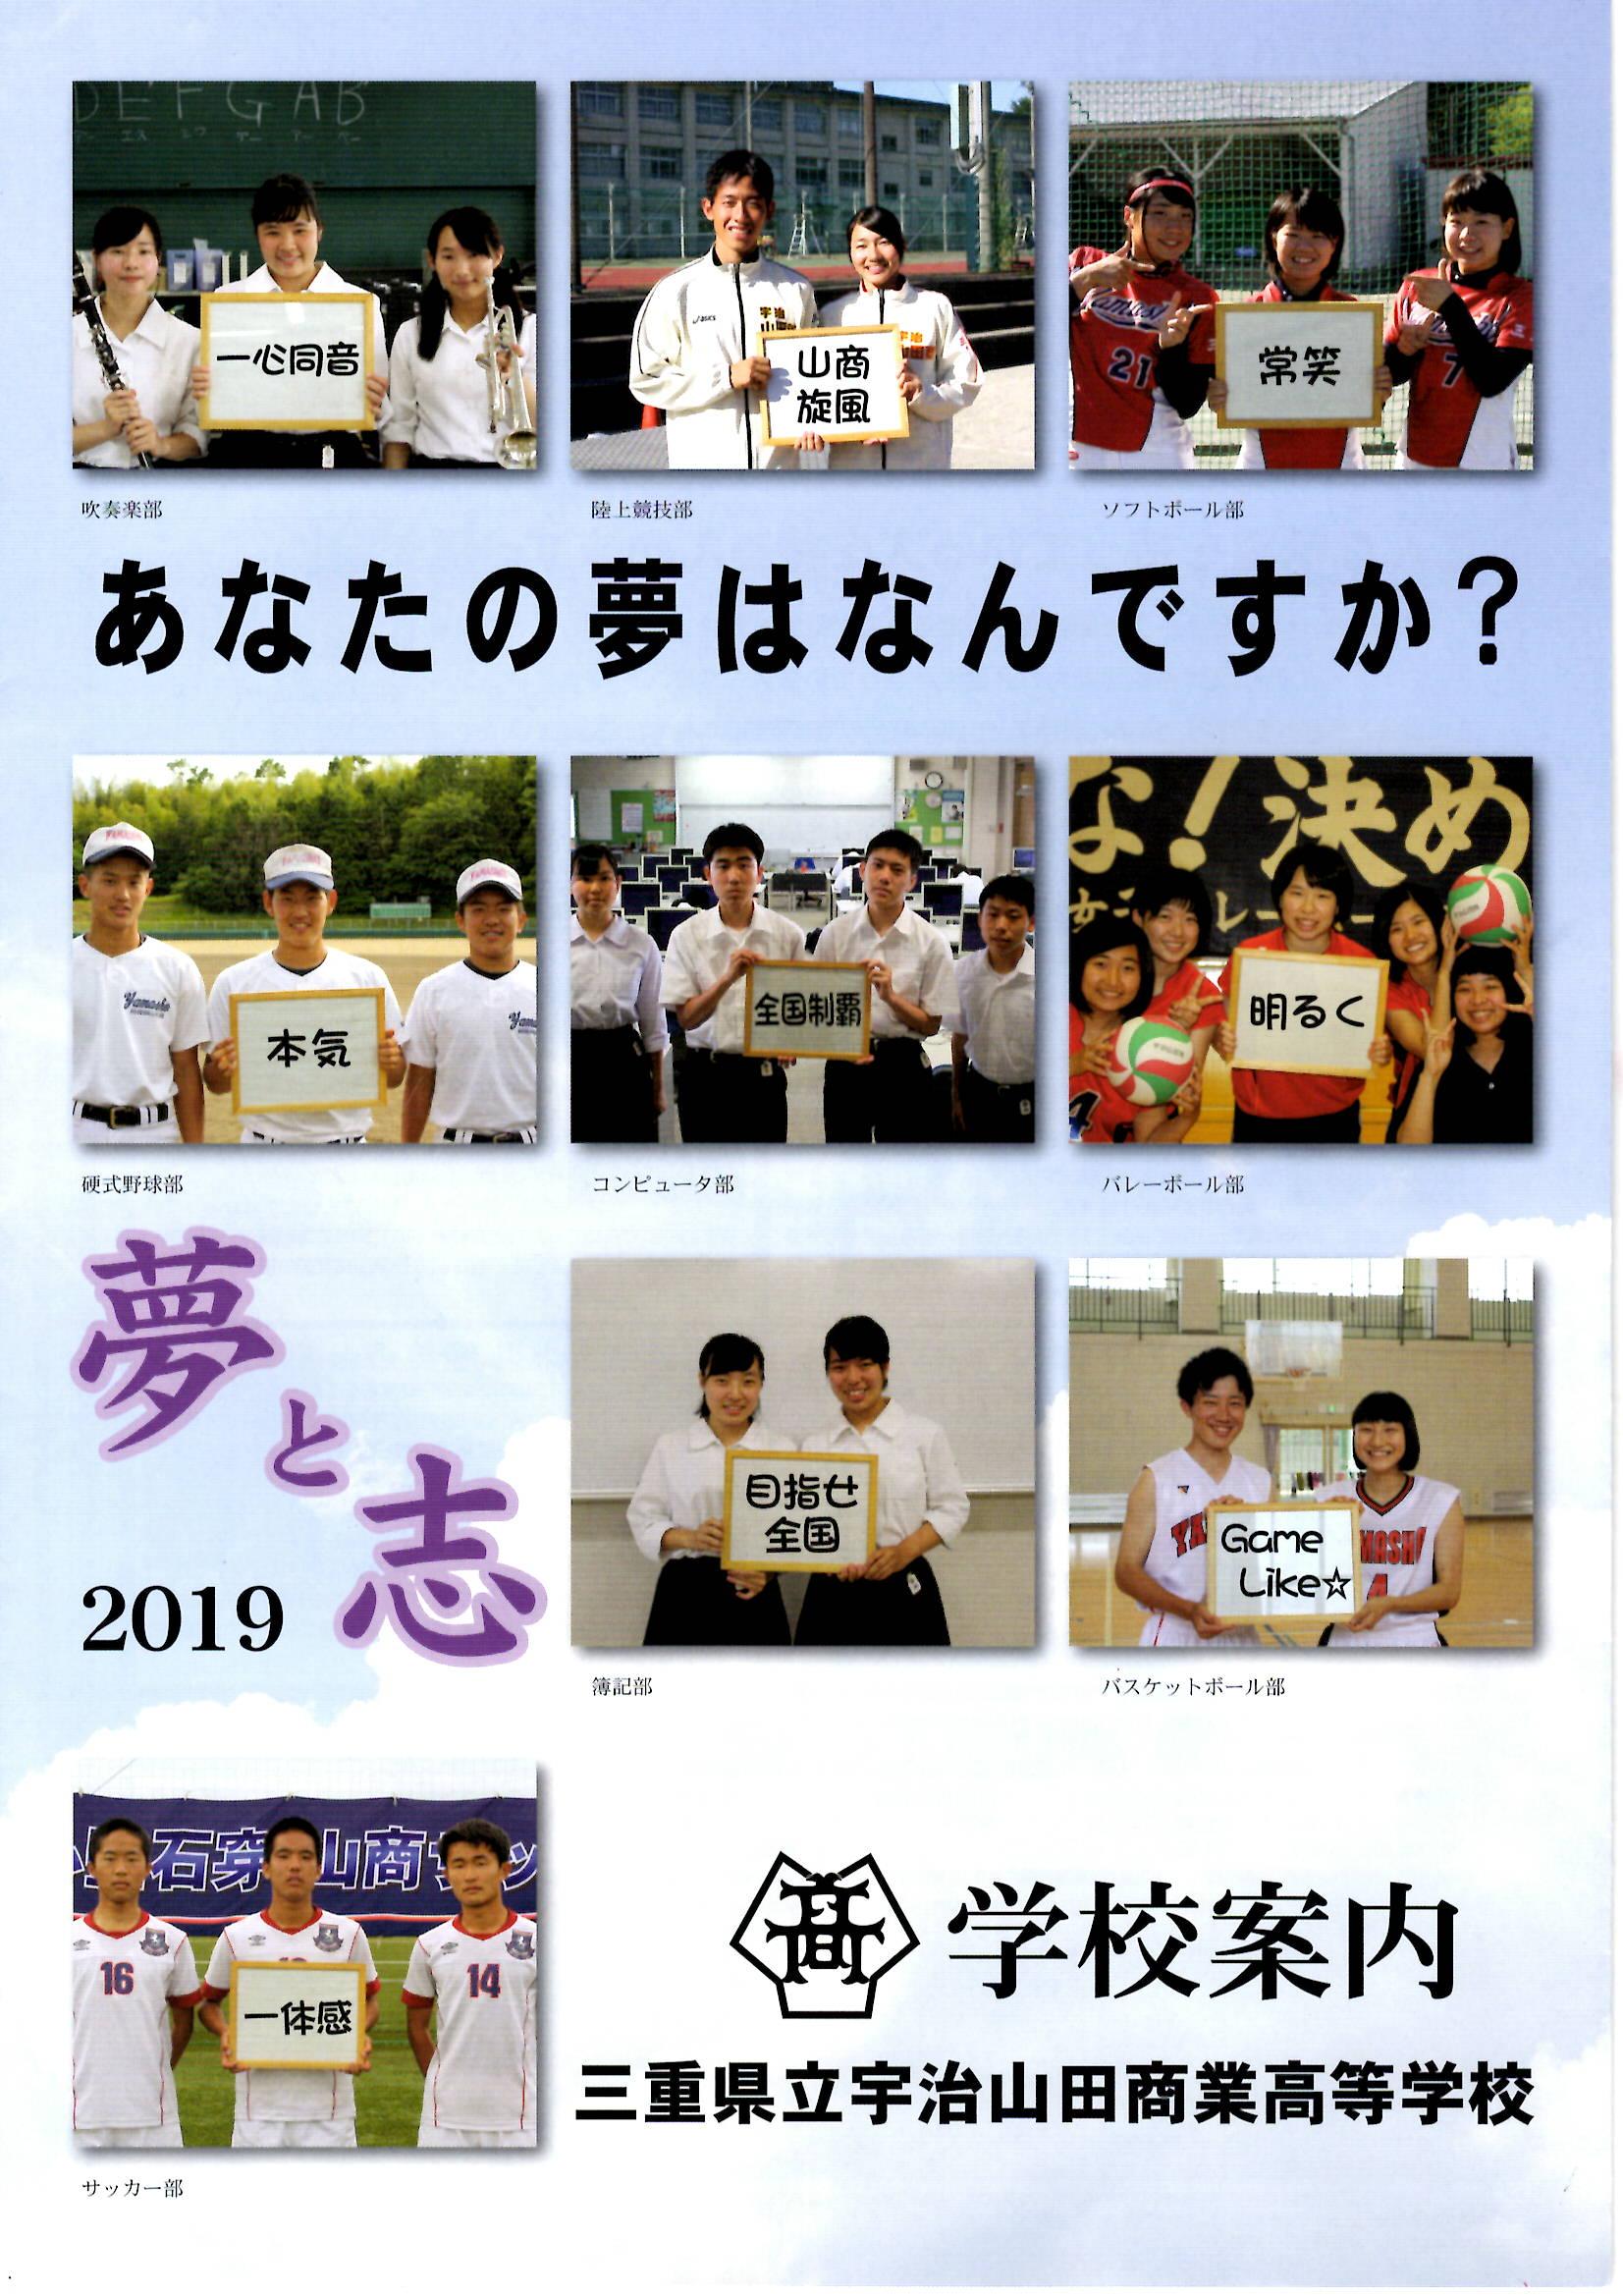 商業 宇治 高校 山田